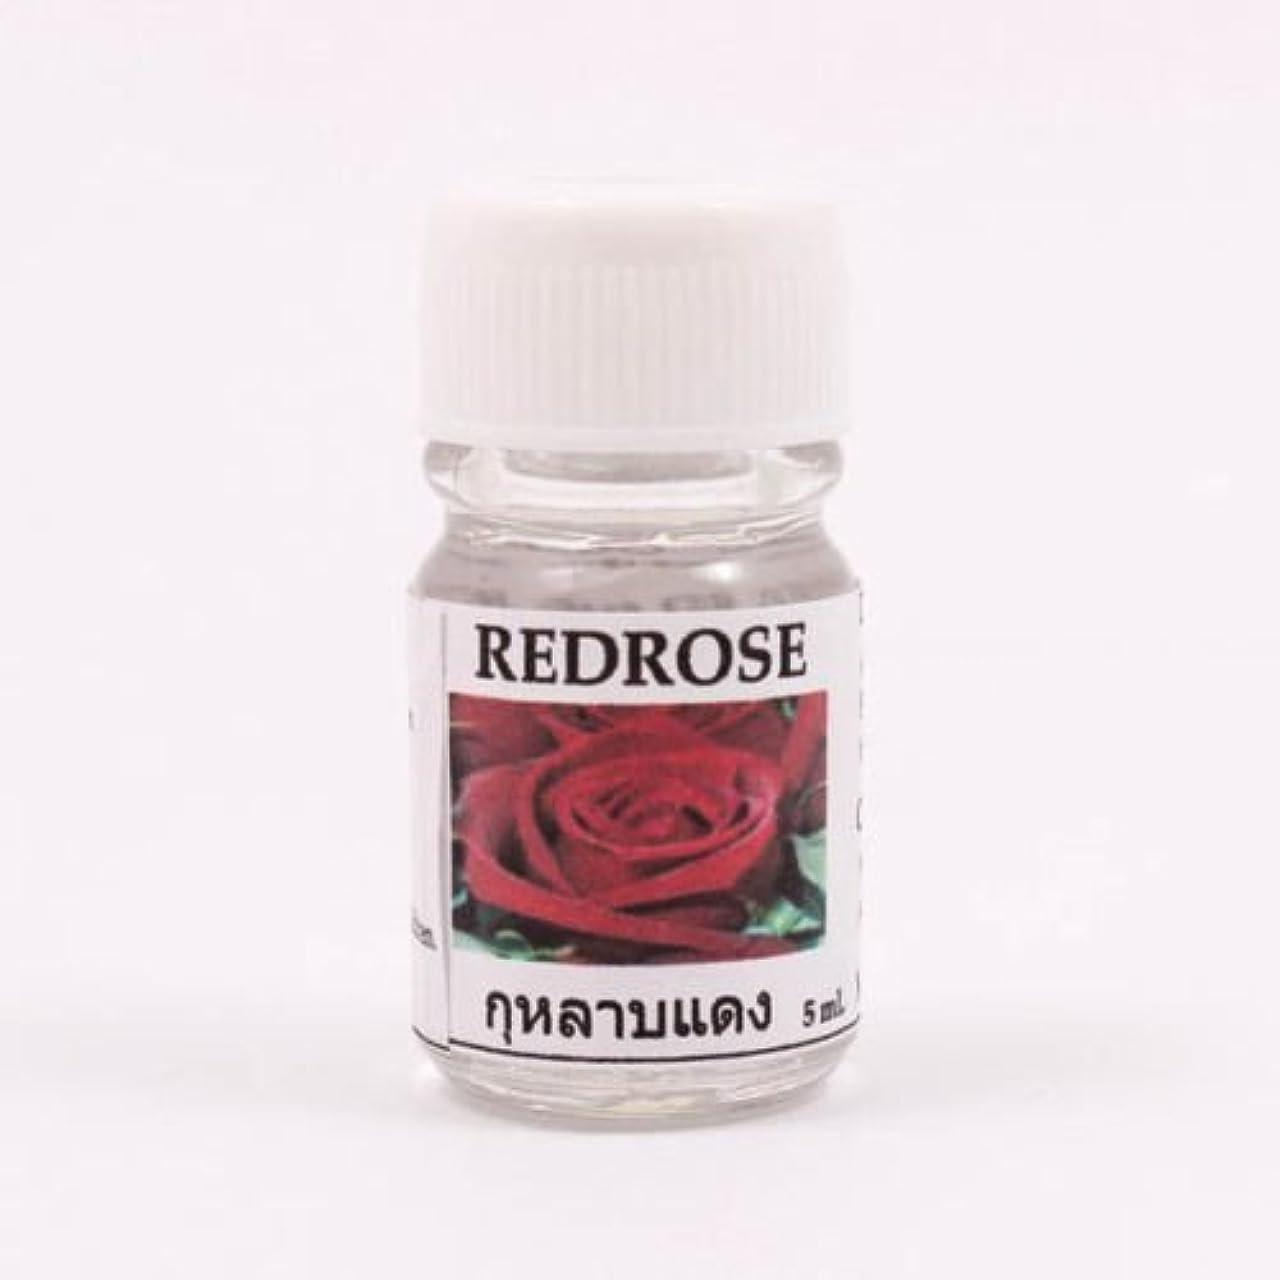 混合幻影縫い目6X Red Rose Aroma Fragrance Essential Oil 5ML (cc) Diffuser Burner Therapy